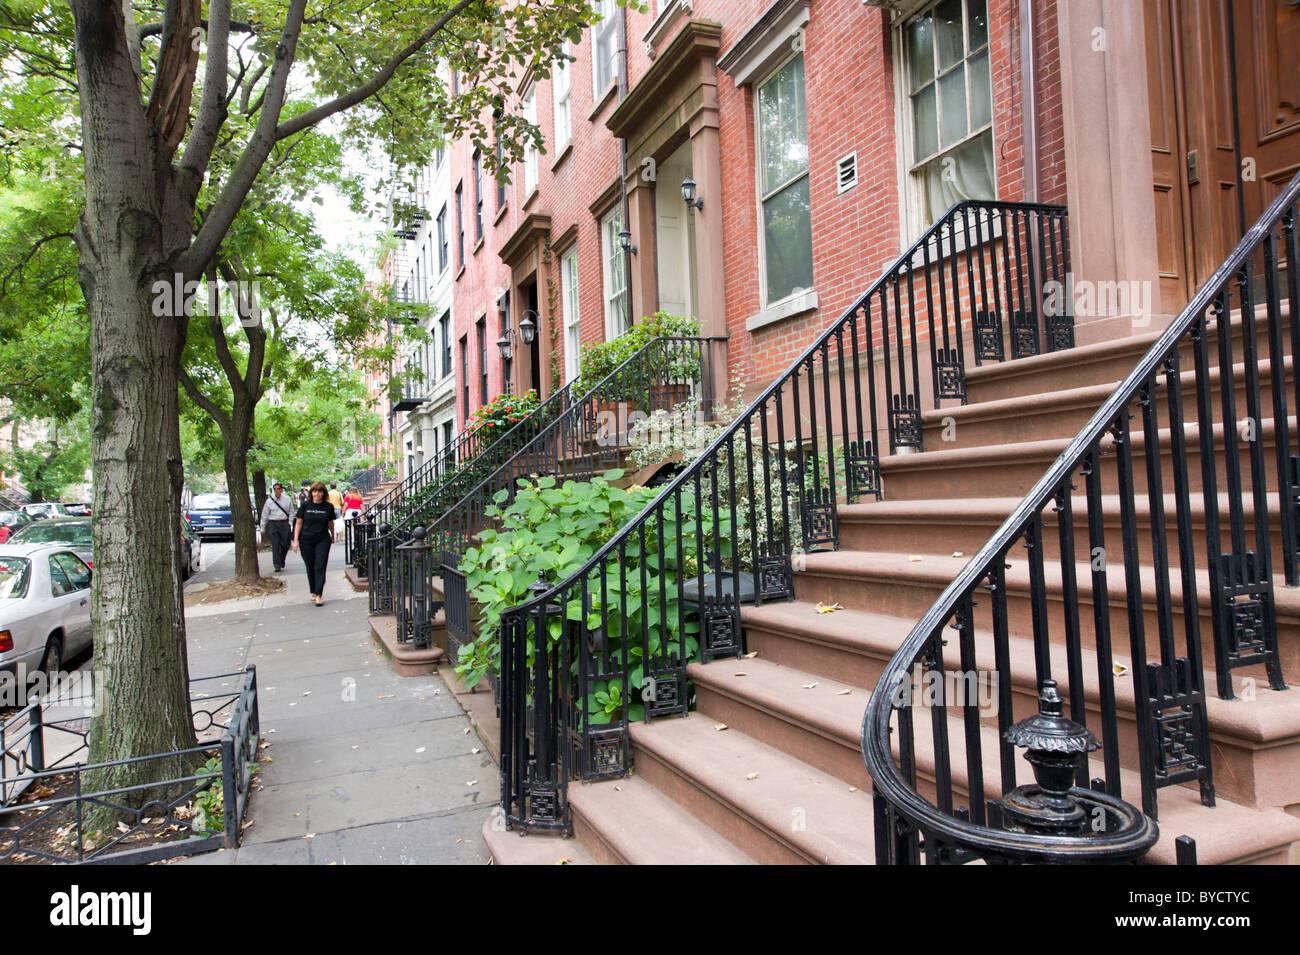 Strada residenziale nel quartiere di Chelsea di New York City, America, STATI UNITI D'AMERICA Immagini Stock